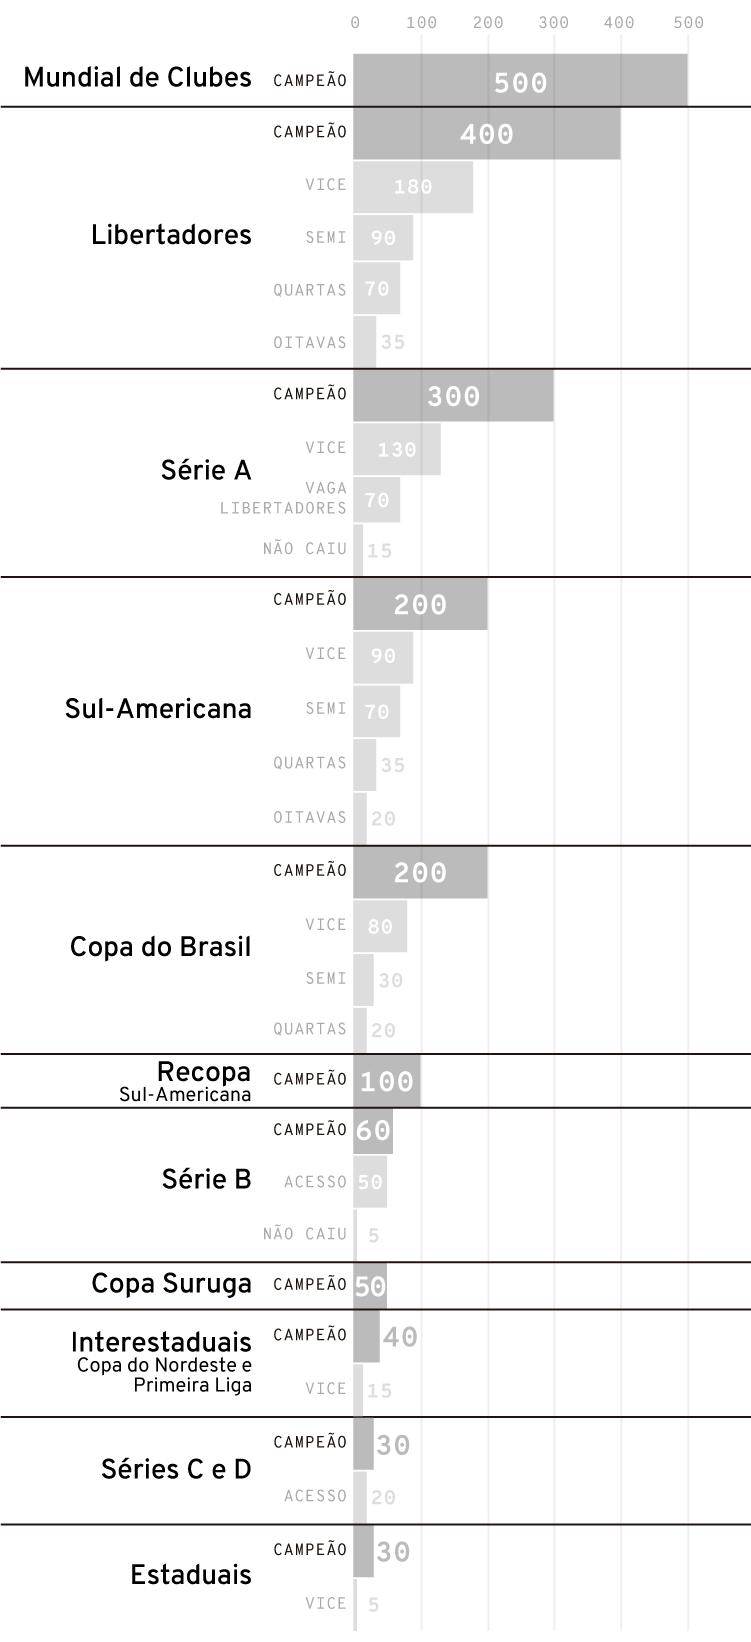 Infográfico: Ranking da década do futebol brasileiro - a regra